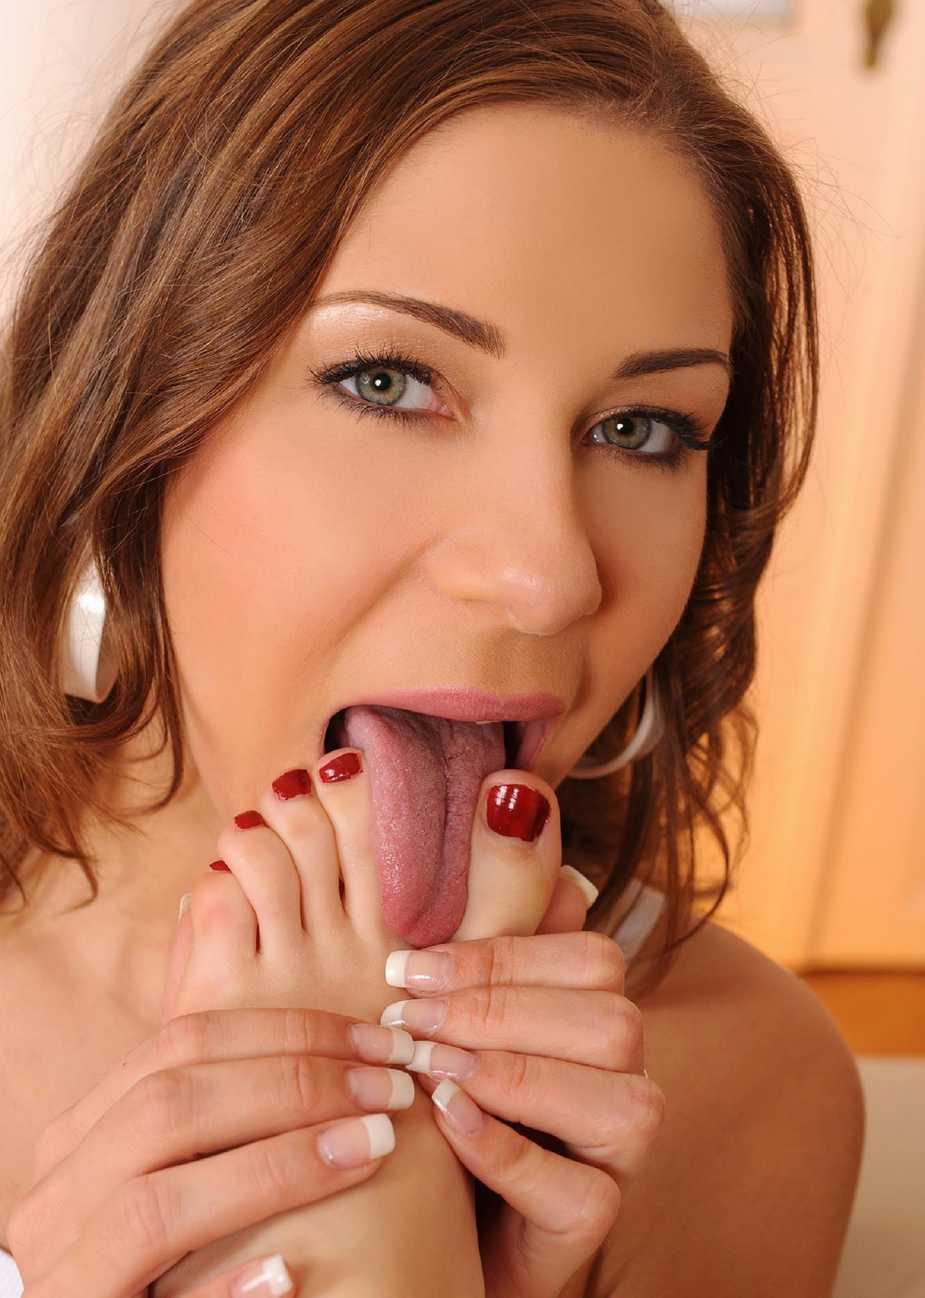 lesbienne leche pied (6)